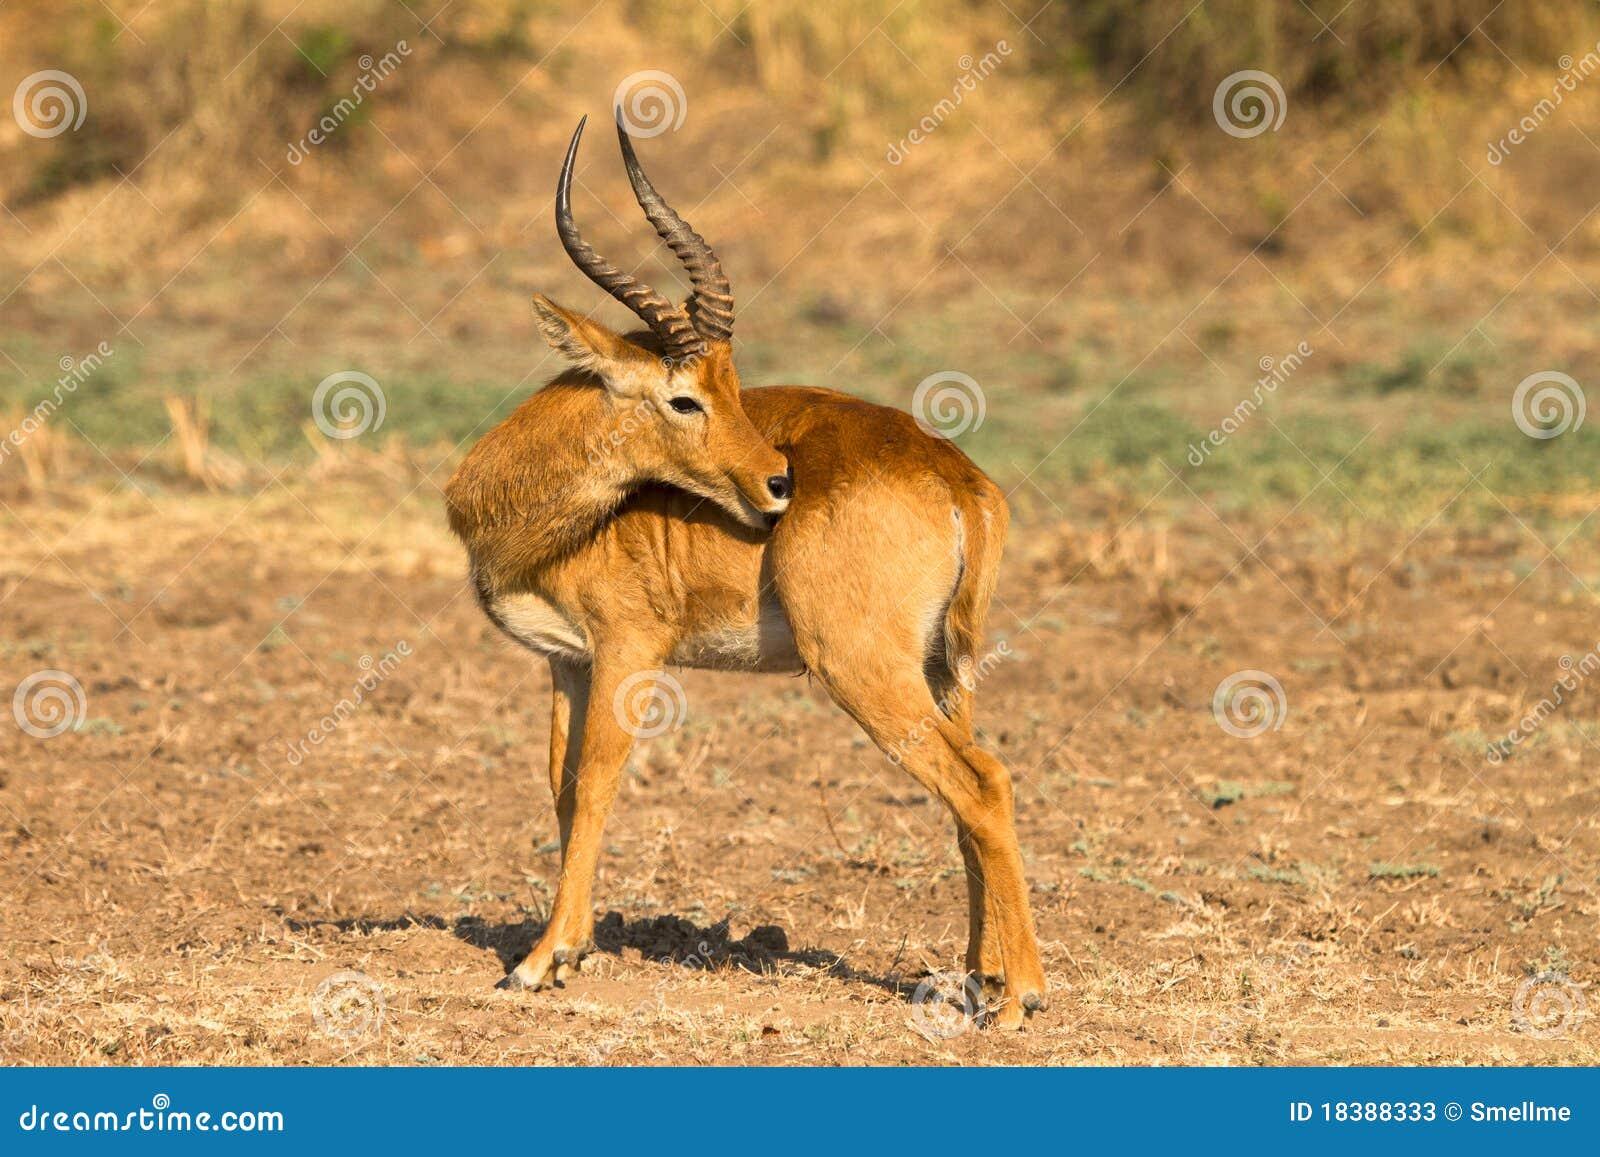 African Antelope Safari